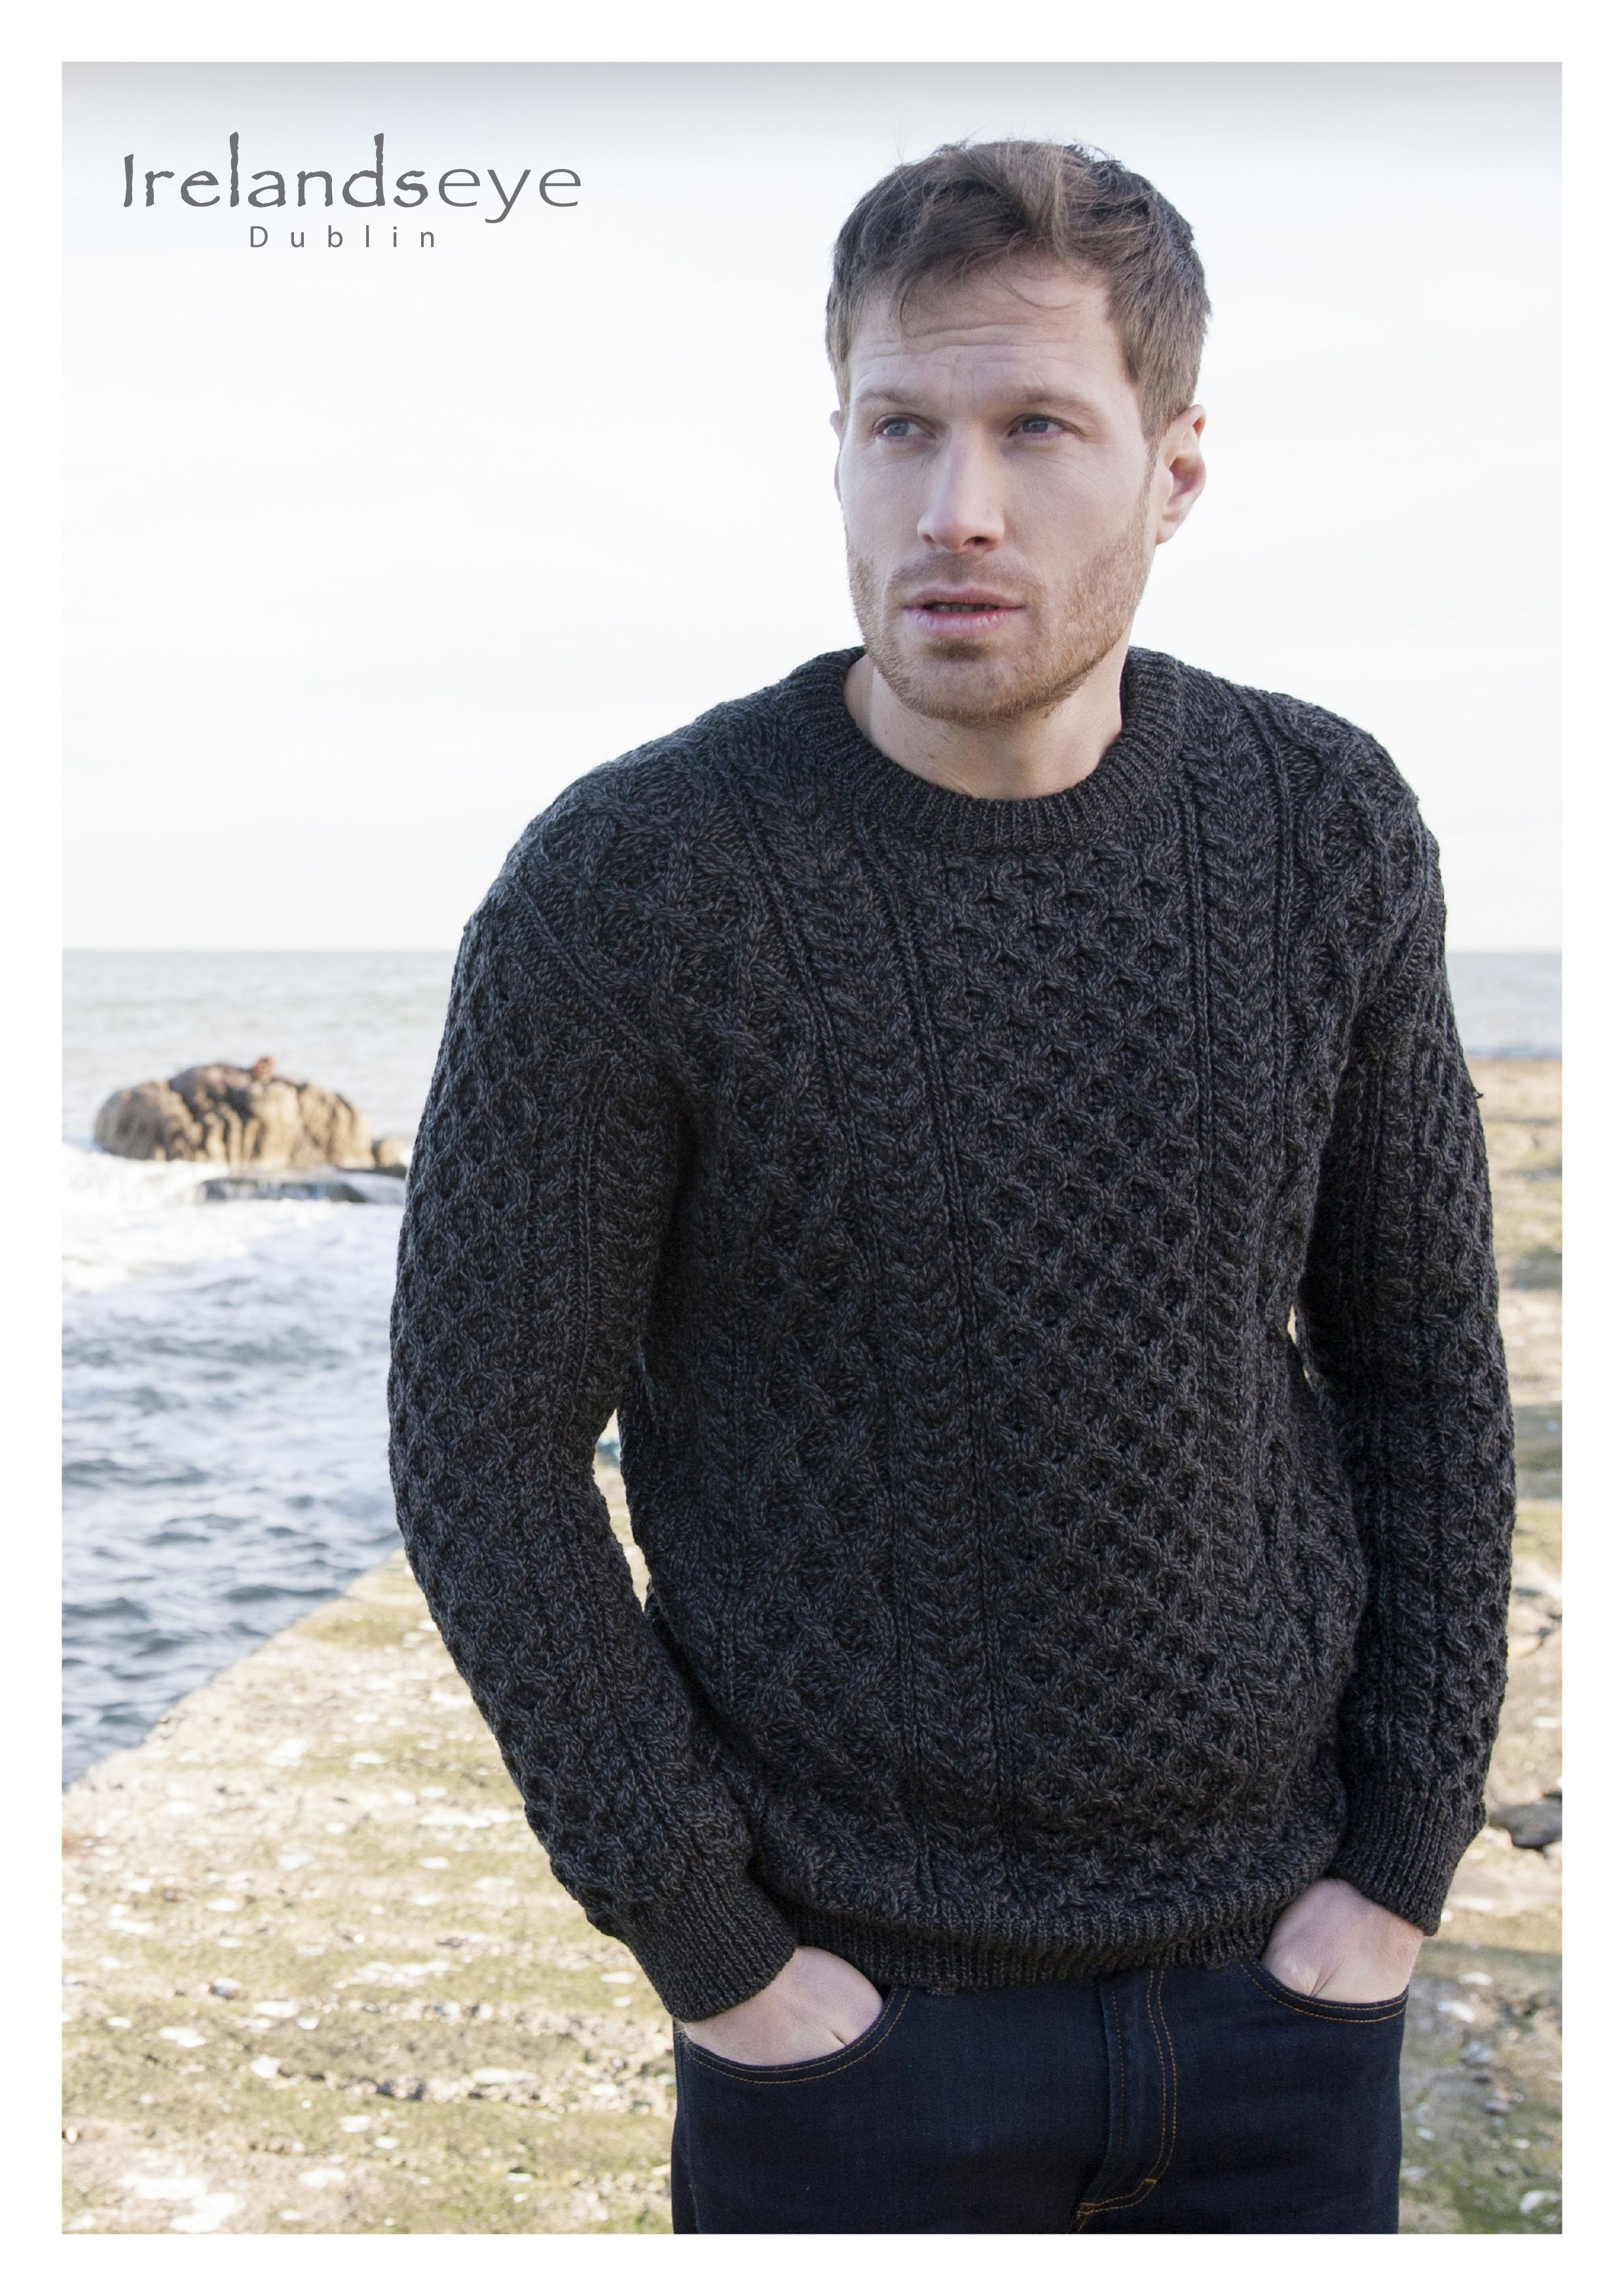 633efb5e6bd03 Aran sweater in charcoal by Irelands Eye Knitwear. 100% Merino Wool ...